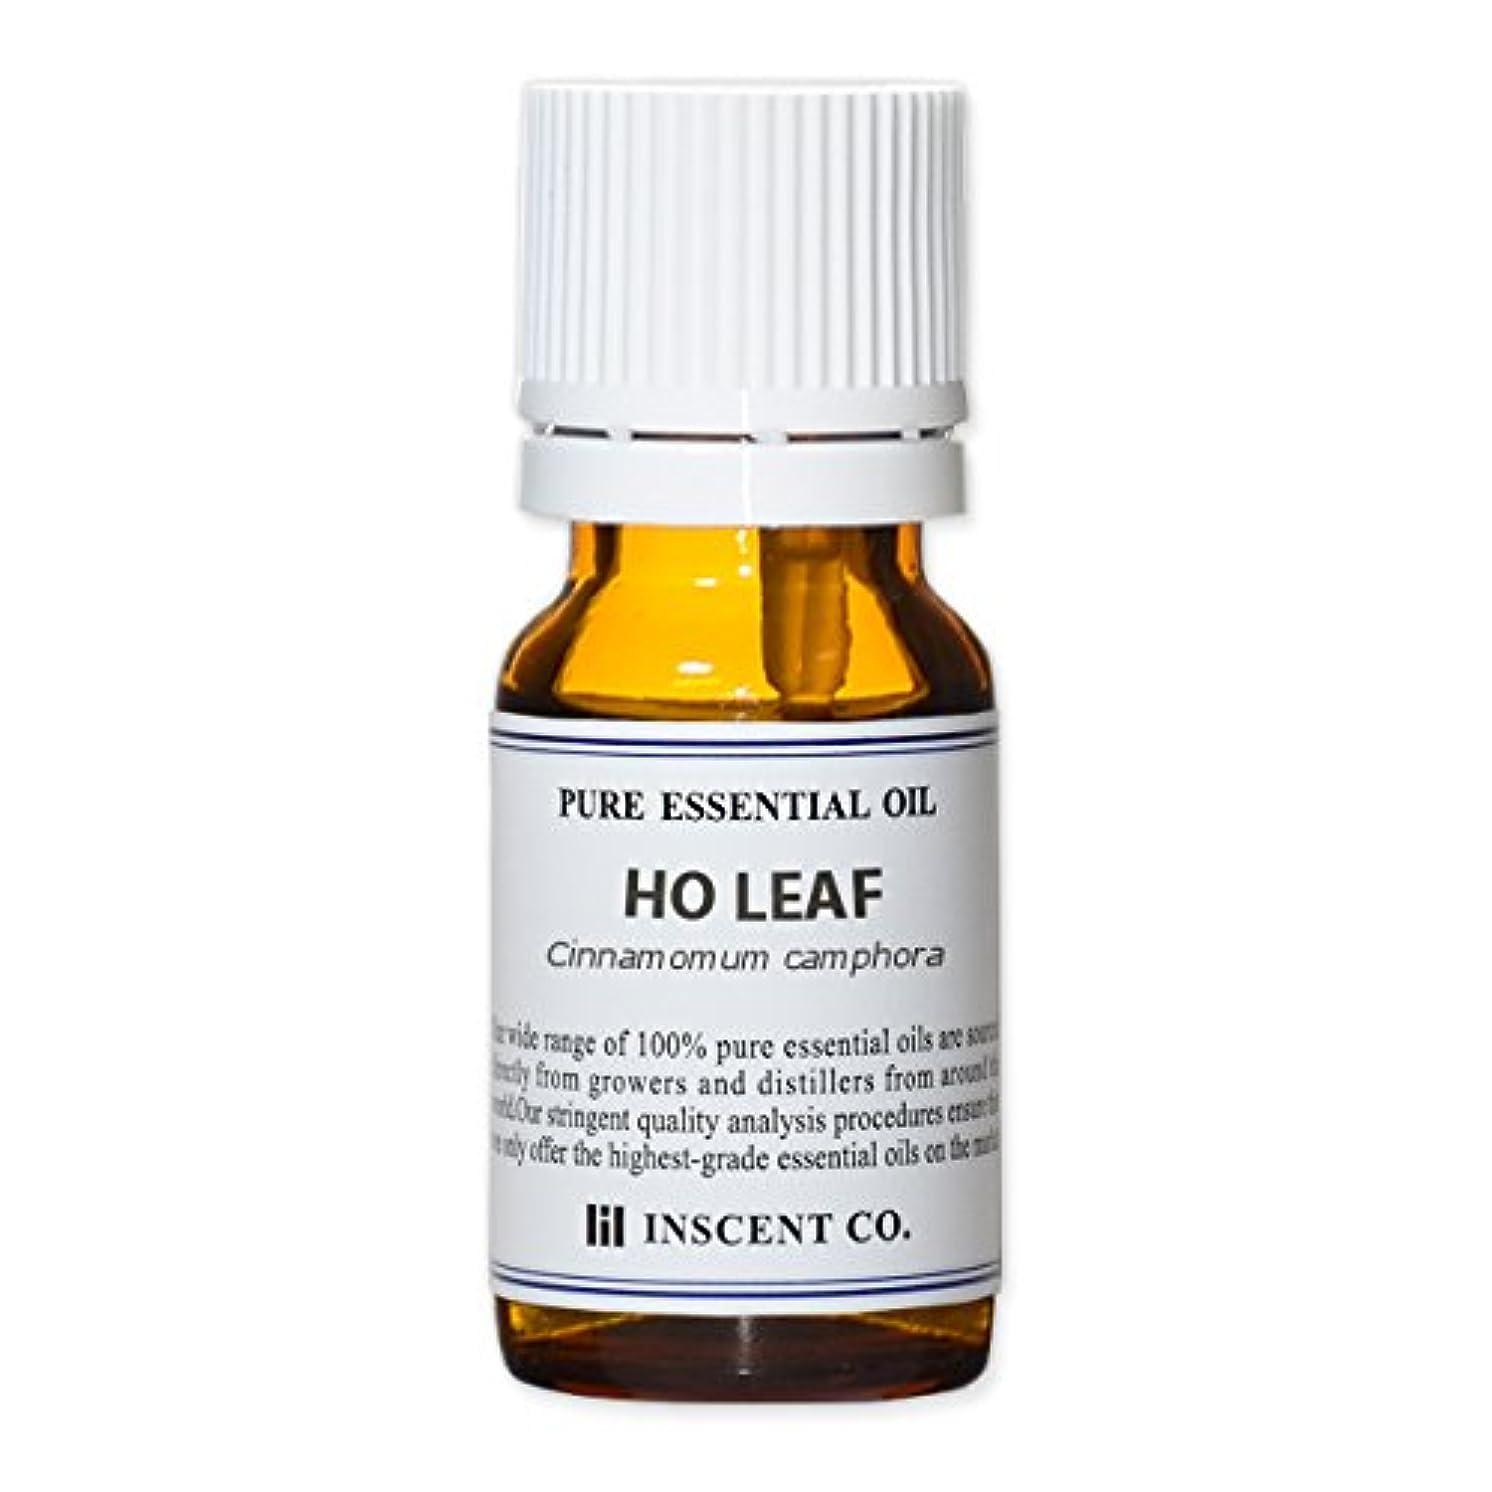 パッドドル思い出させるホーリーフ 10ml インセント アロマオイル AEAJ 表示基準適合認定精油